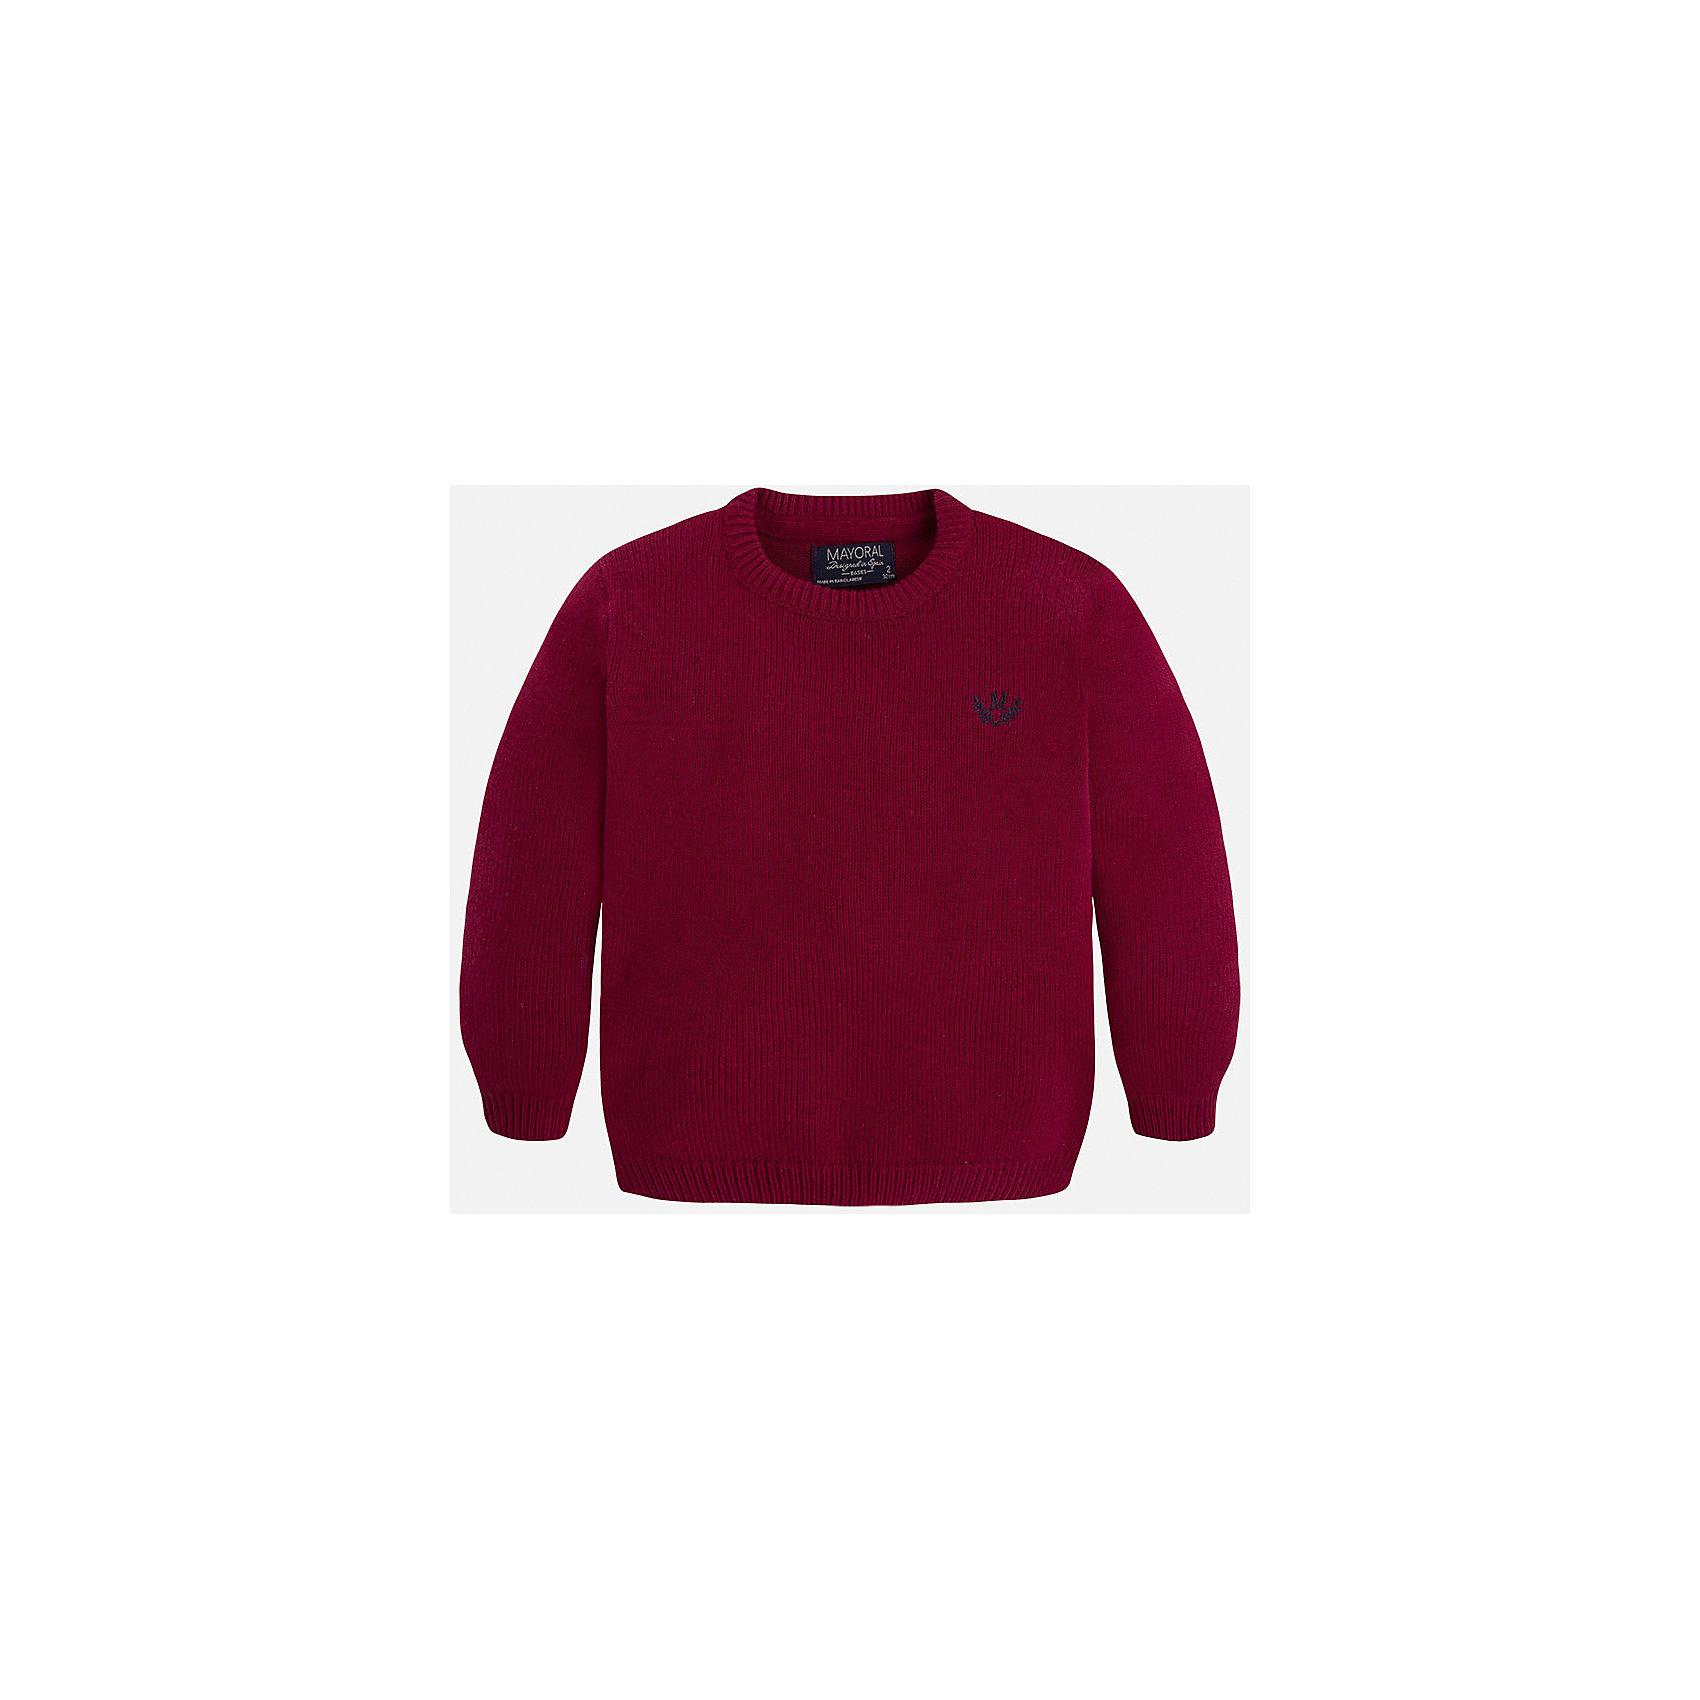 Свитер для мальчика MayoralСвитера и кардиганы<br>Стильный свитер для настоящего джентльмена! У свитера классический крой, поэтому его можно комбинировать с разными вещими и носить в любой сезон.<br><br>Дополнительная информация:<br><br>- Прямой крой.<br>- Страна бренда: Испания.<br>- Состав: хлопок 60%,полиамид 30%,шерсть 10%.<br>- Цвет: бордовый.<br>- Уход: бережная стирка при 30 градусах.<br><br>Купить свитер для мальчика Mayoral можно в нашем магазине.<br><br>Ширина мм: 190<br>Глубина мм: 74<br>Высота мм: 229<br>Вес г: 236<br>Цвет: бордовый<br>Возраст от месяцев: 24<br>Возраст до месяцев: 36<br>Пол: Мужской<br>Возраст: Детский<br>Размер: 98,134,128,122,116,110,104<br>SKU: 4821663